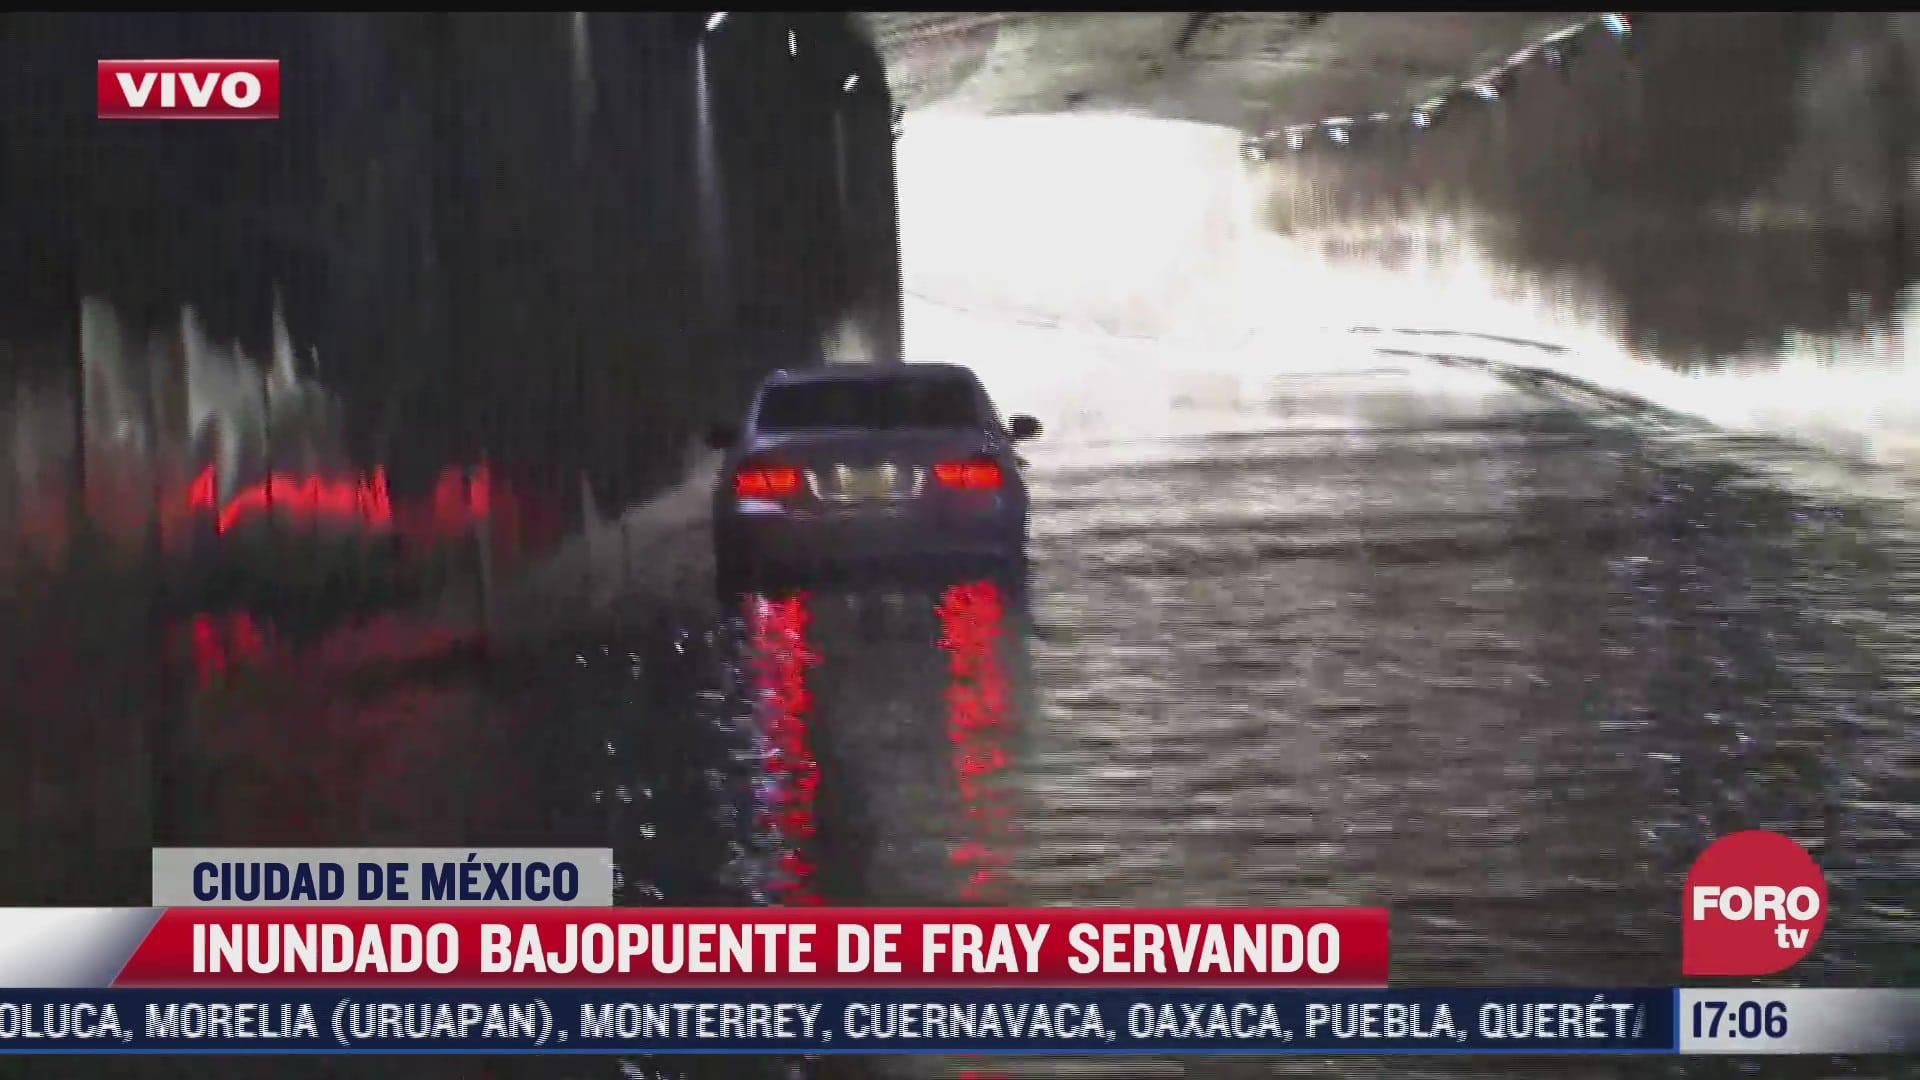 vehiculos quedan atrapados en encharcamiento de cdmx